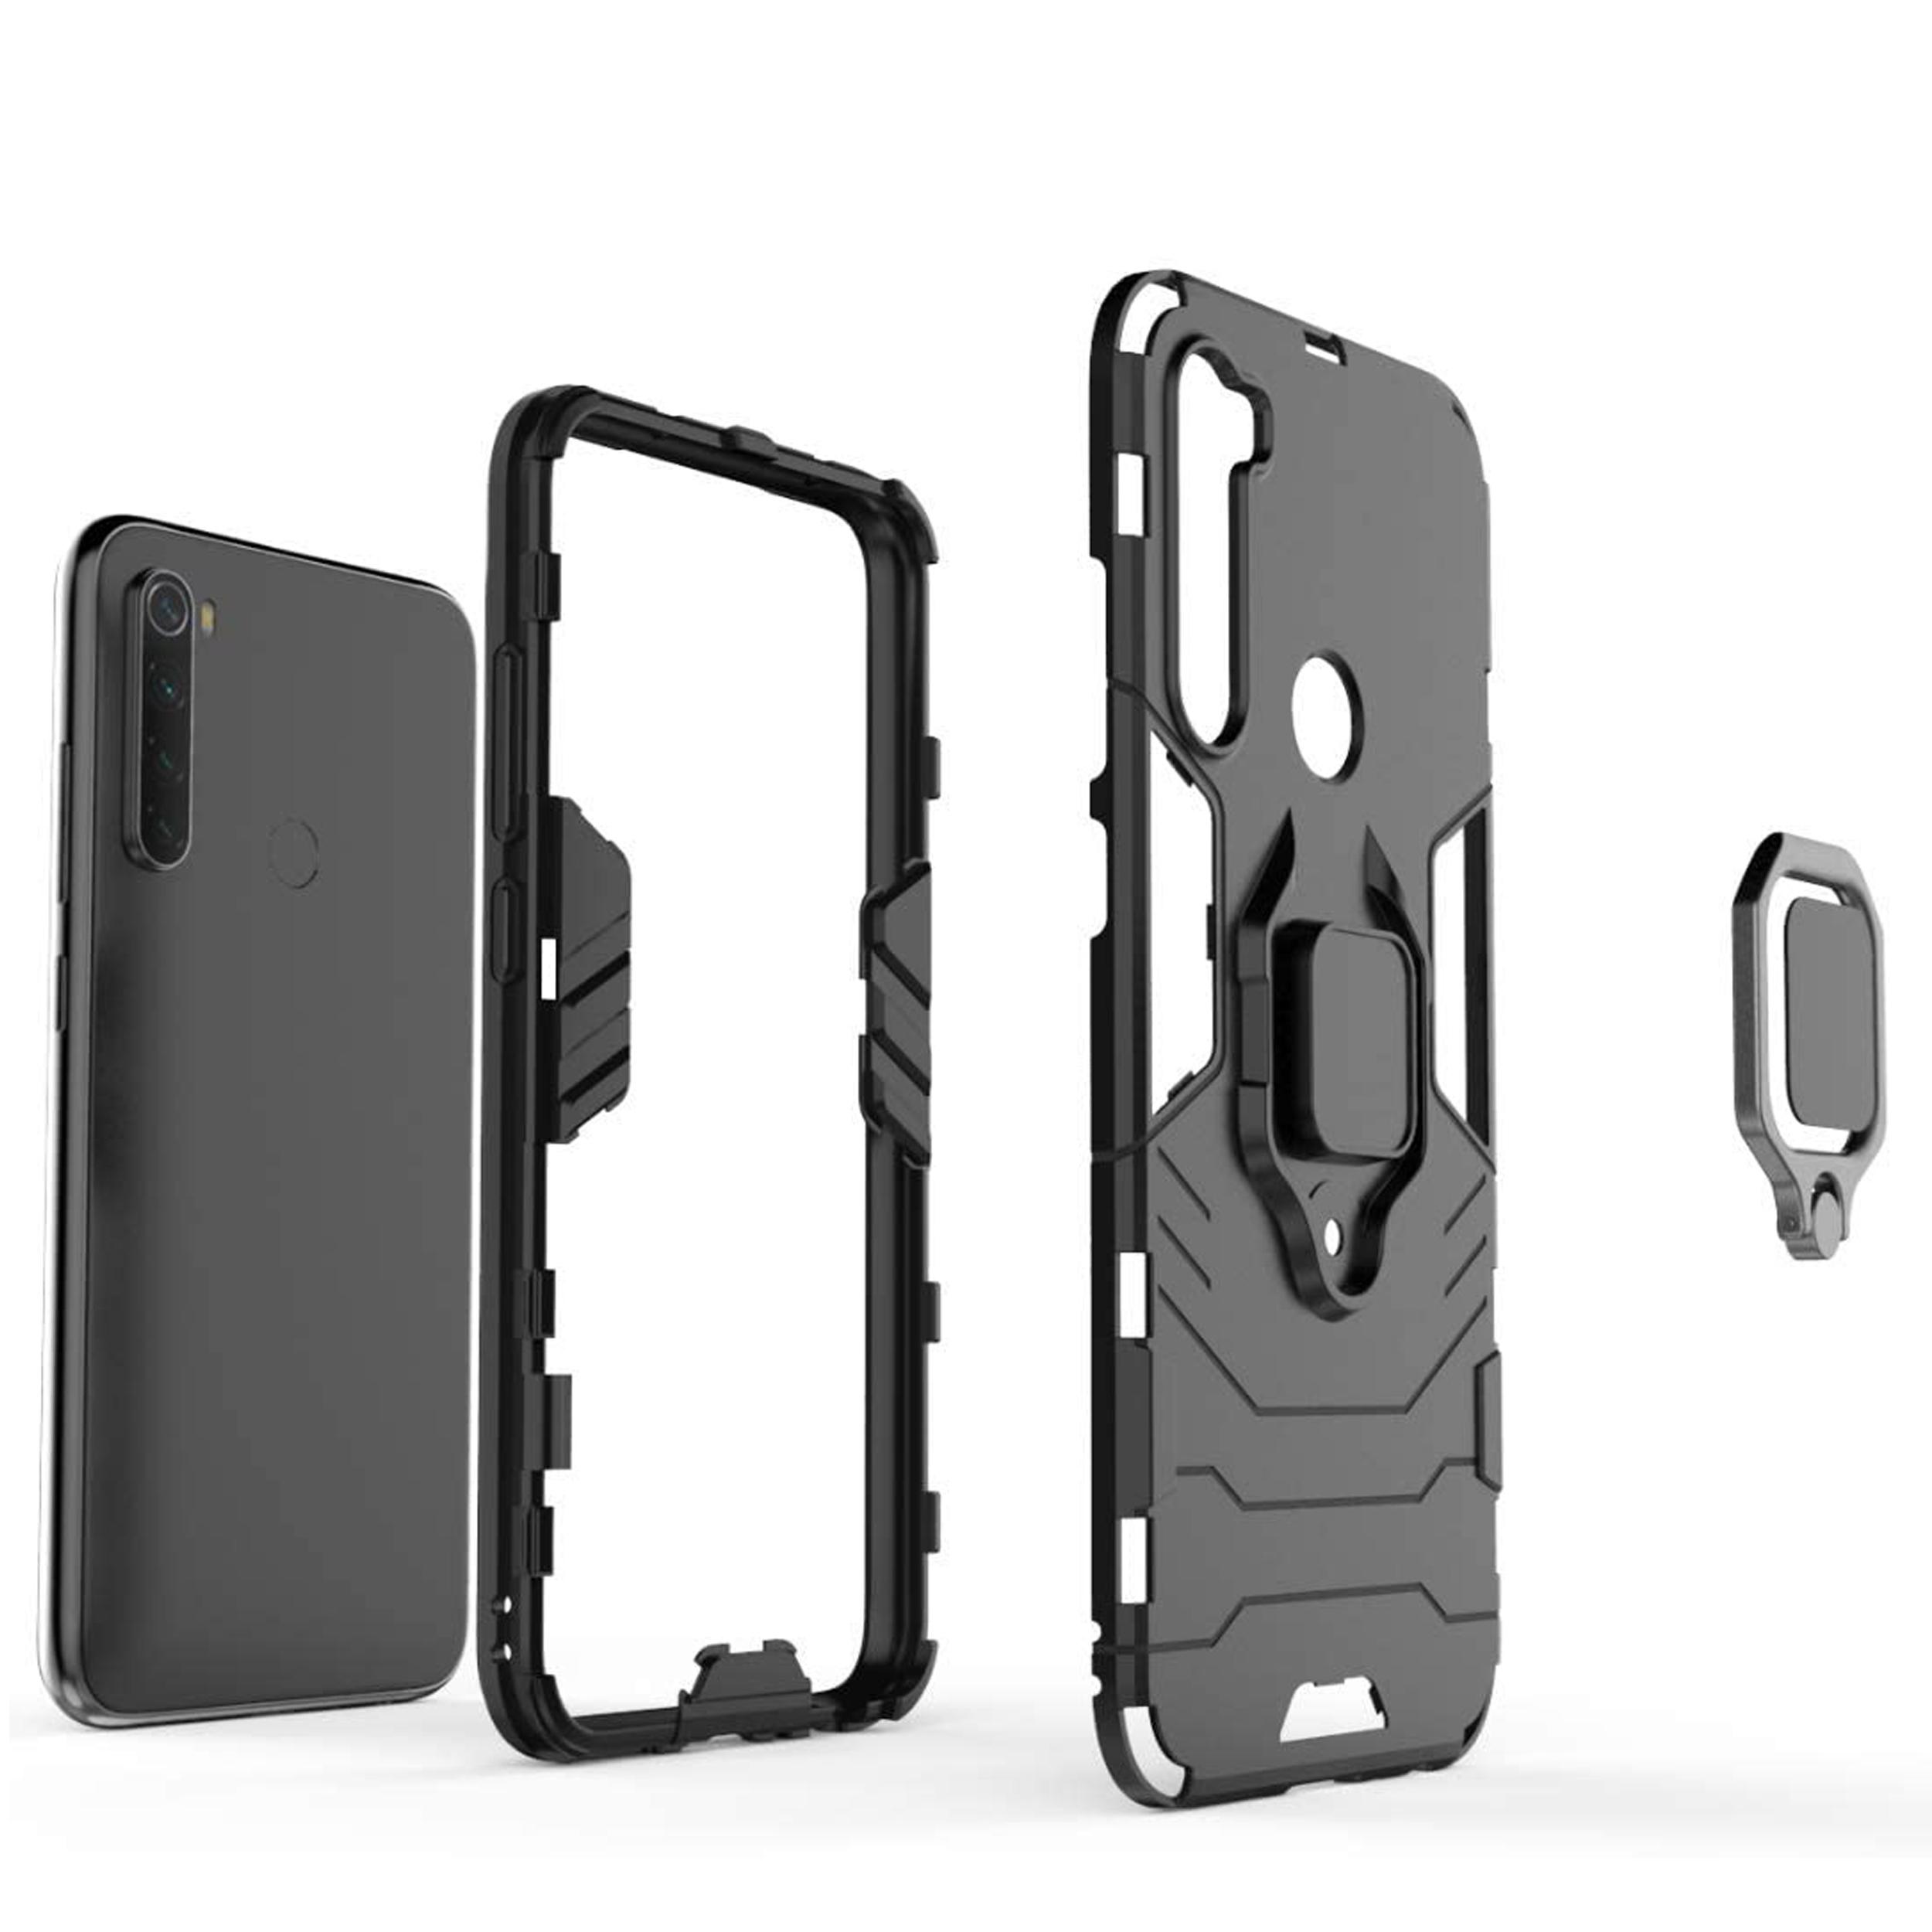 کاور کینگ پاور مدل ASH21 مناسب برای گوشی موبایل شیائومی Redmi Note 8 main 1 3